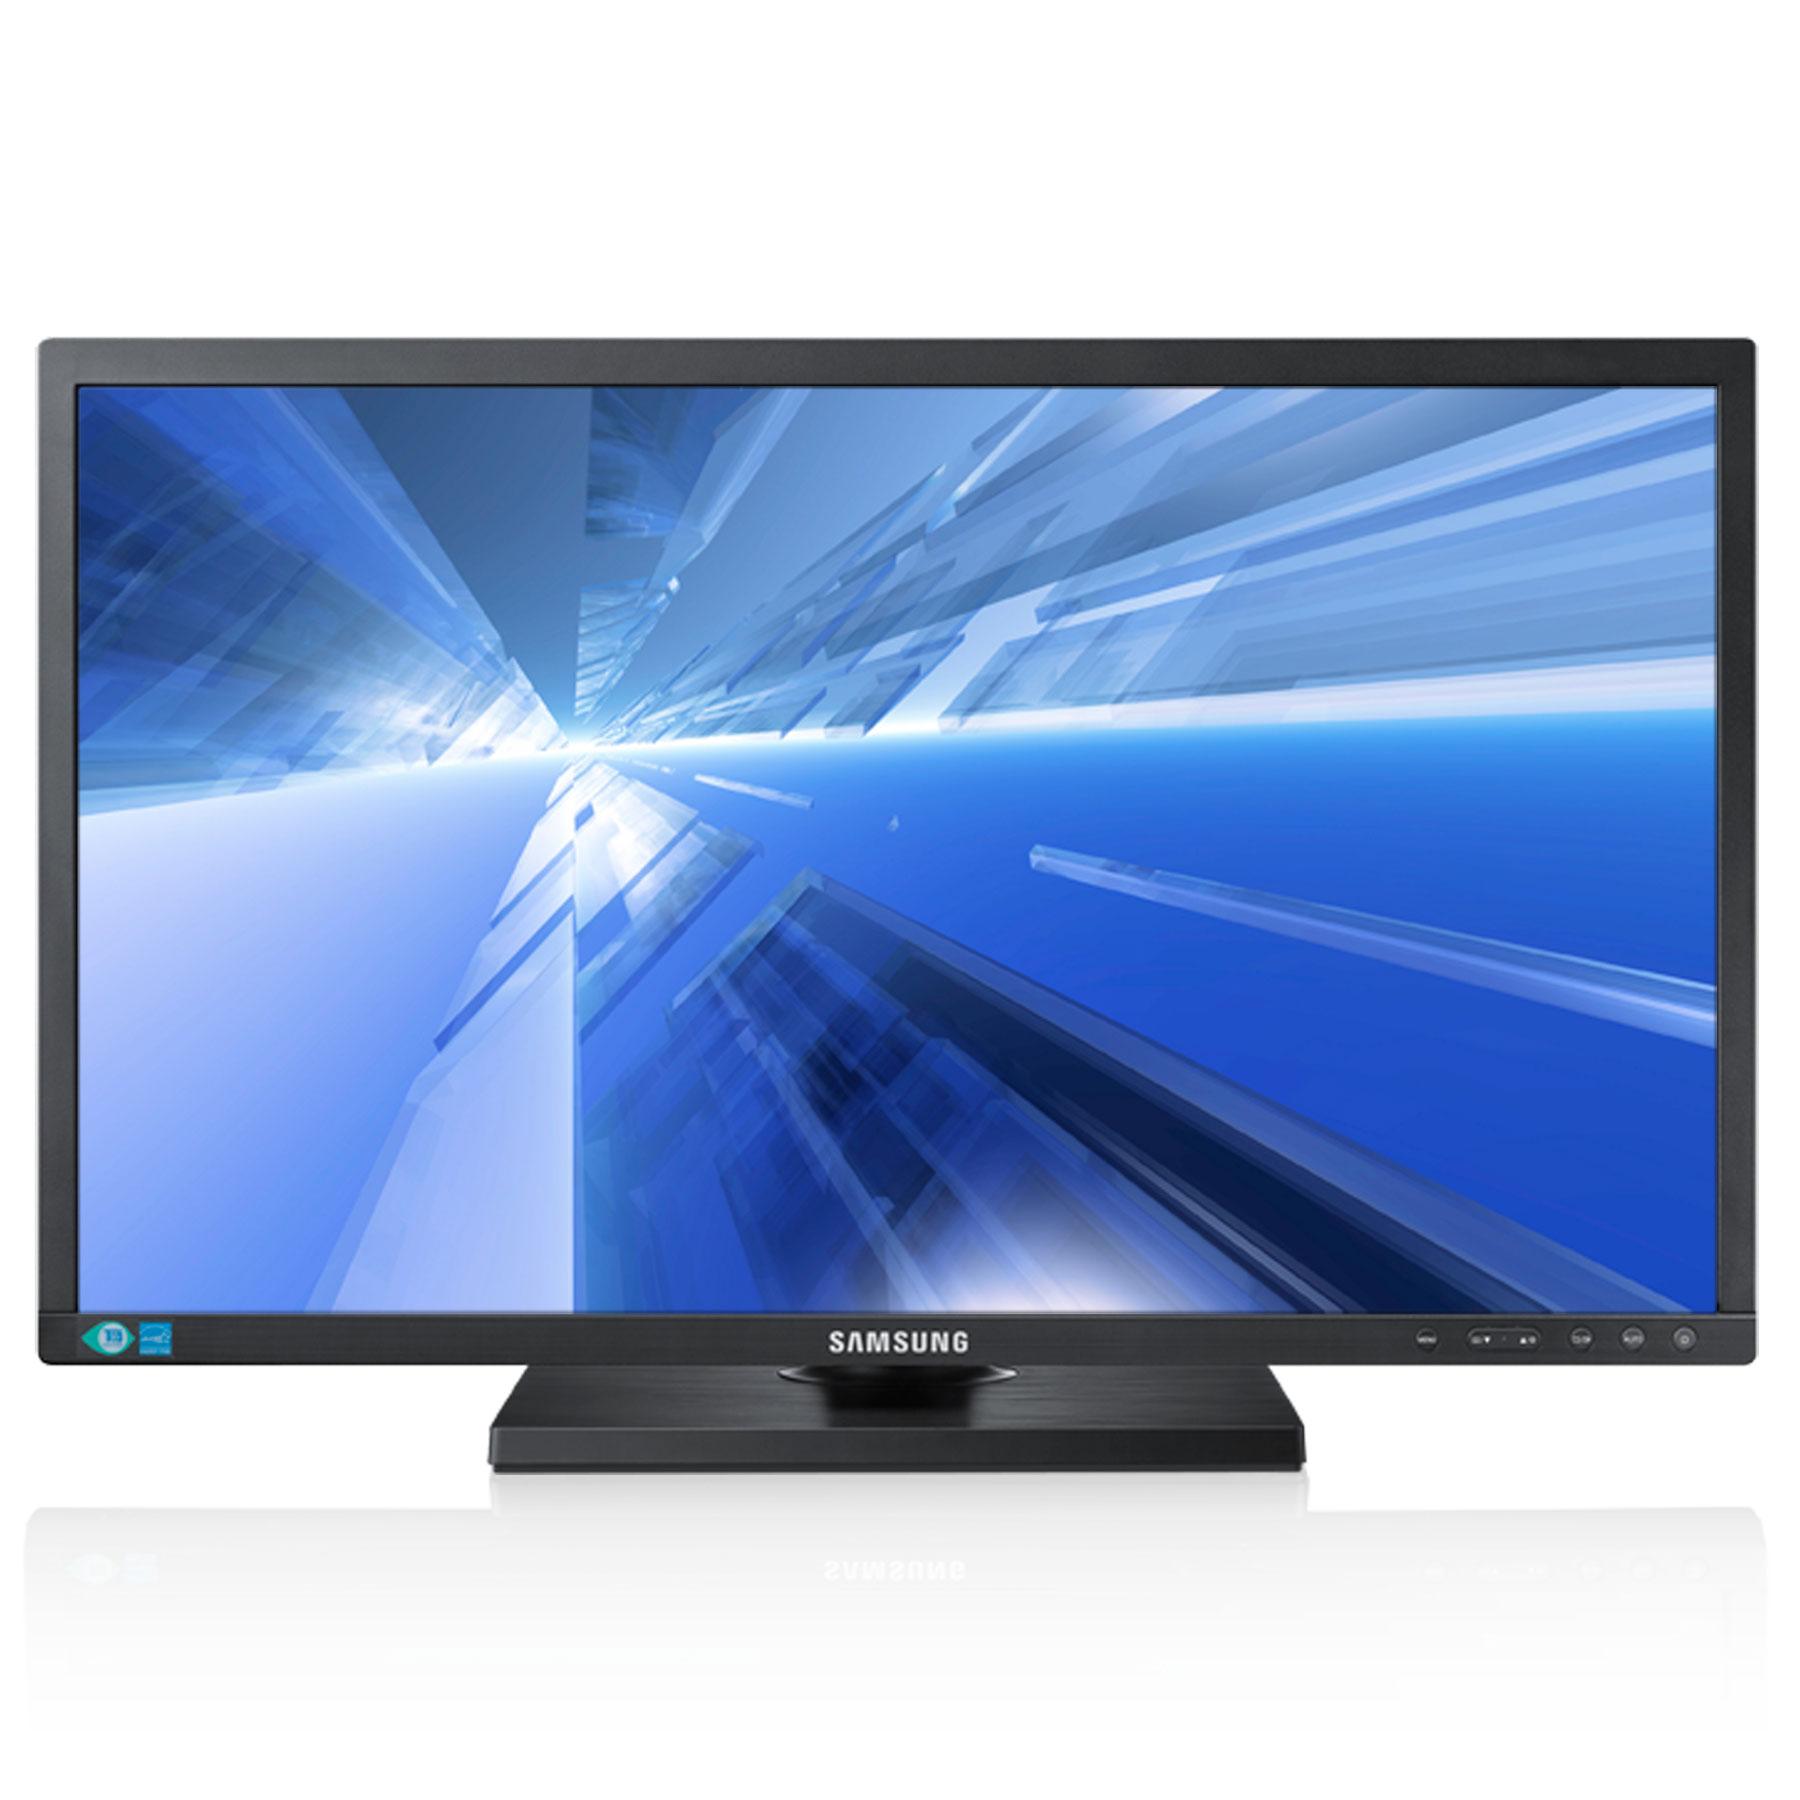 """Ecran PC Samsung 21.5"""" LED - SyncMaster S22C650D 1920 x 1080 pixels - 5 ms (gris à gris) - Format large 16/9 - Pivot - Dalle PLS - DisplayPort - Hub USB - Noir (garantie 3 ans constructeur)"""